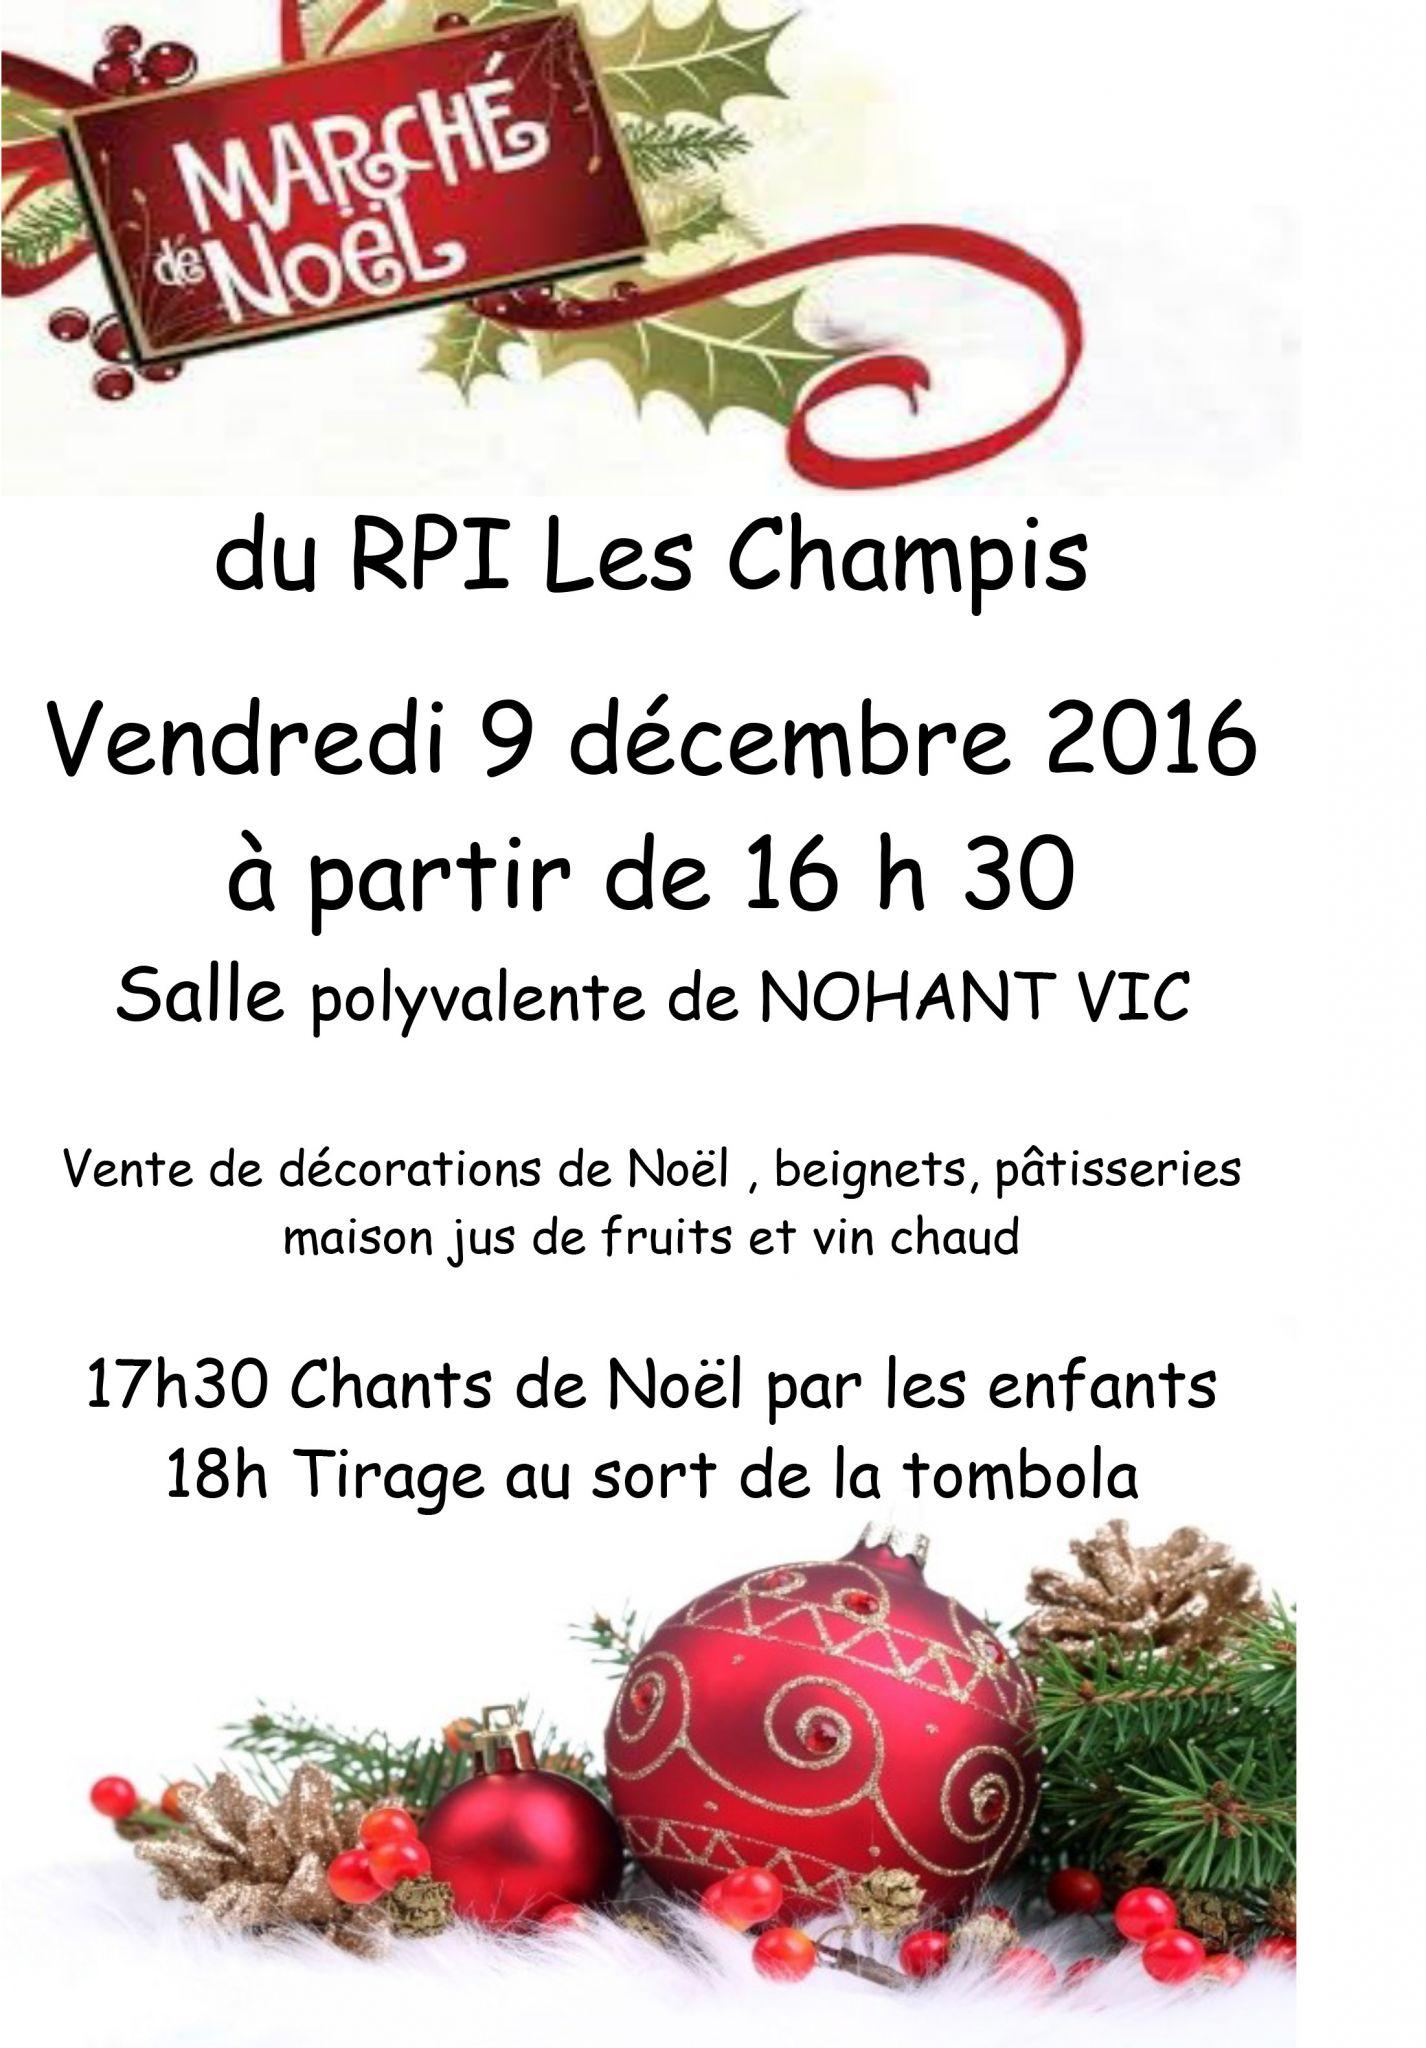 affiche-marche-de-noel-2016-713x10242x